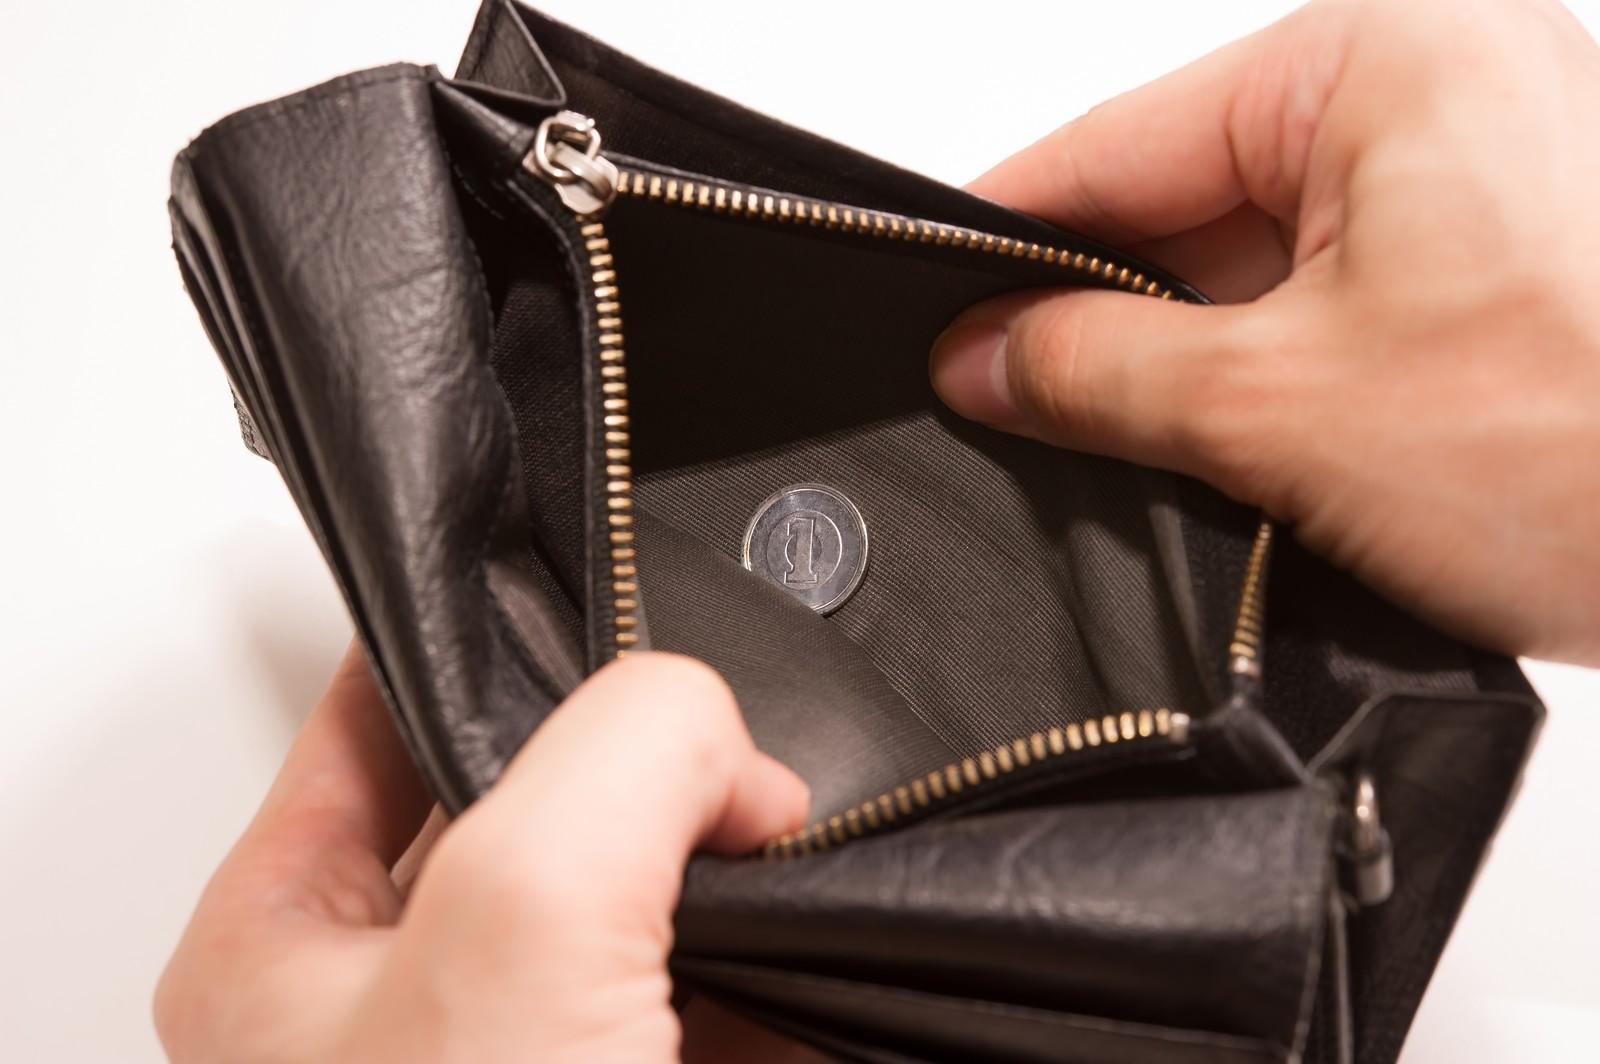 貯金無しで退職は危険? お金がなくてもすぐ辞めたい場合の辞める為の手段